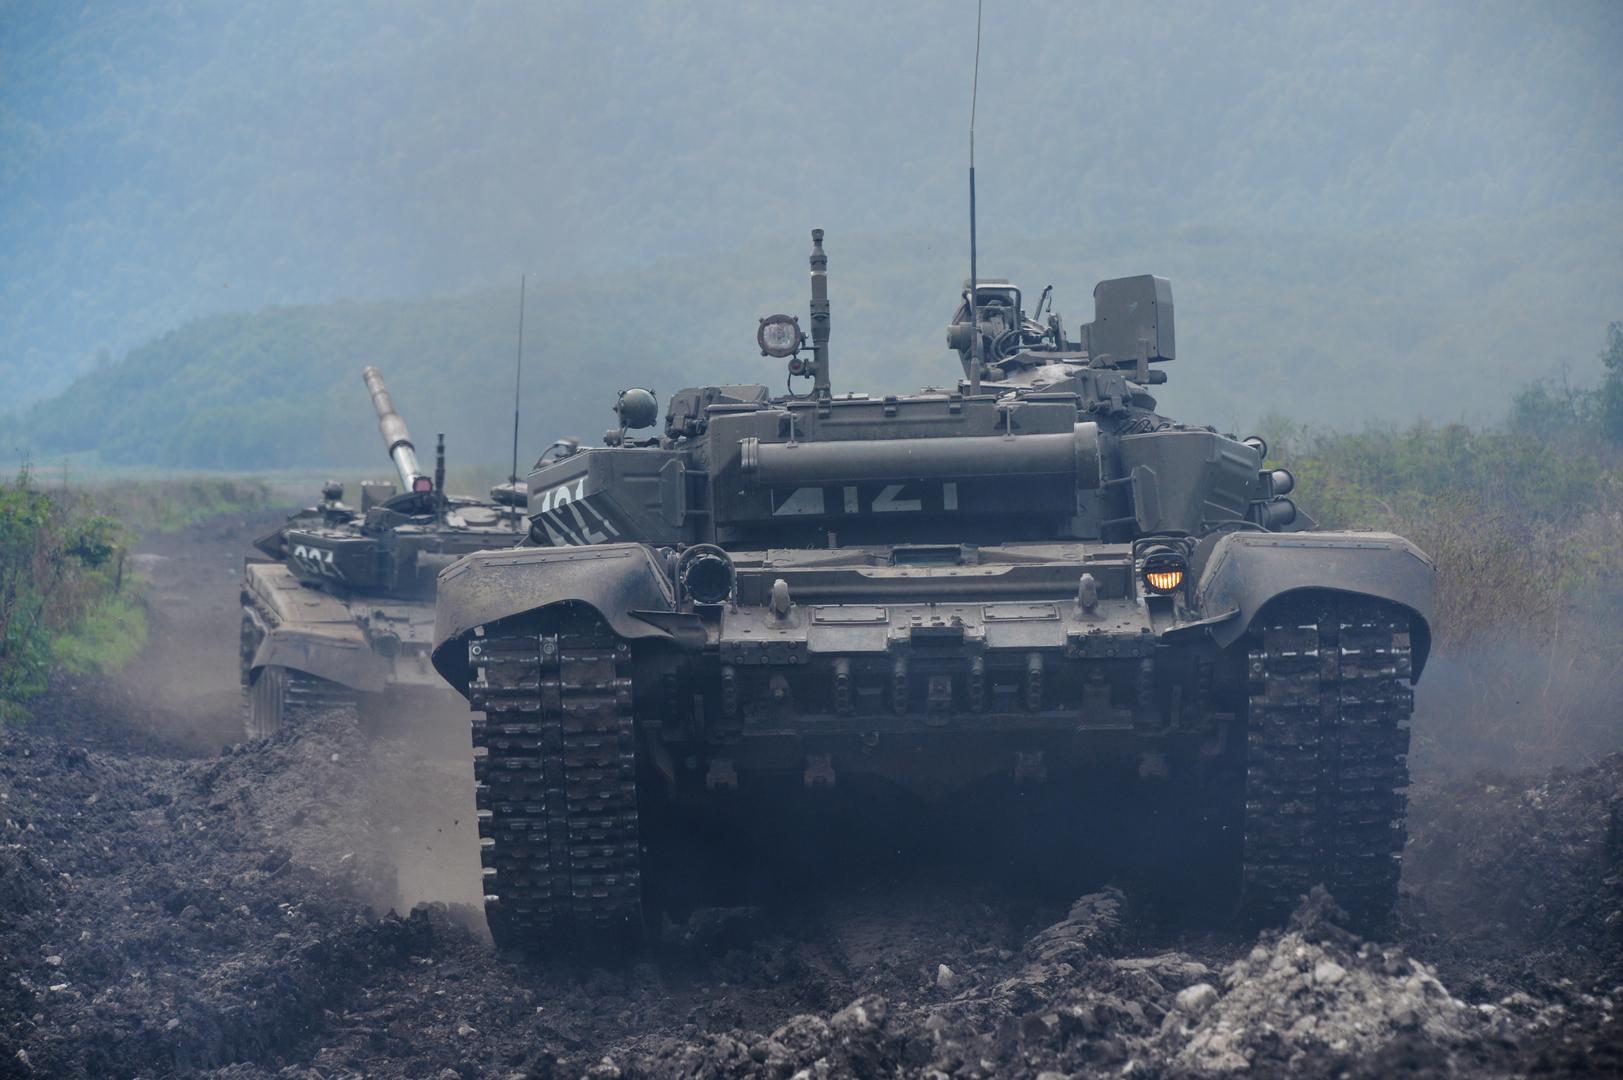 دبابتان روسيتان خلال مناورات في شمال قوقاز (أرشيف).